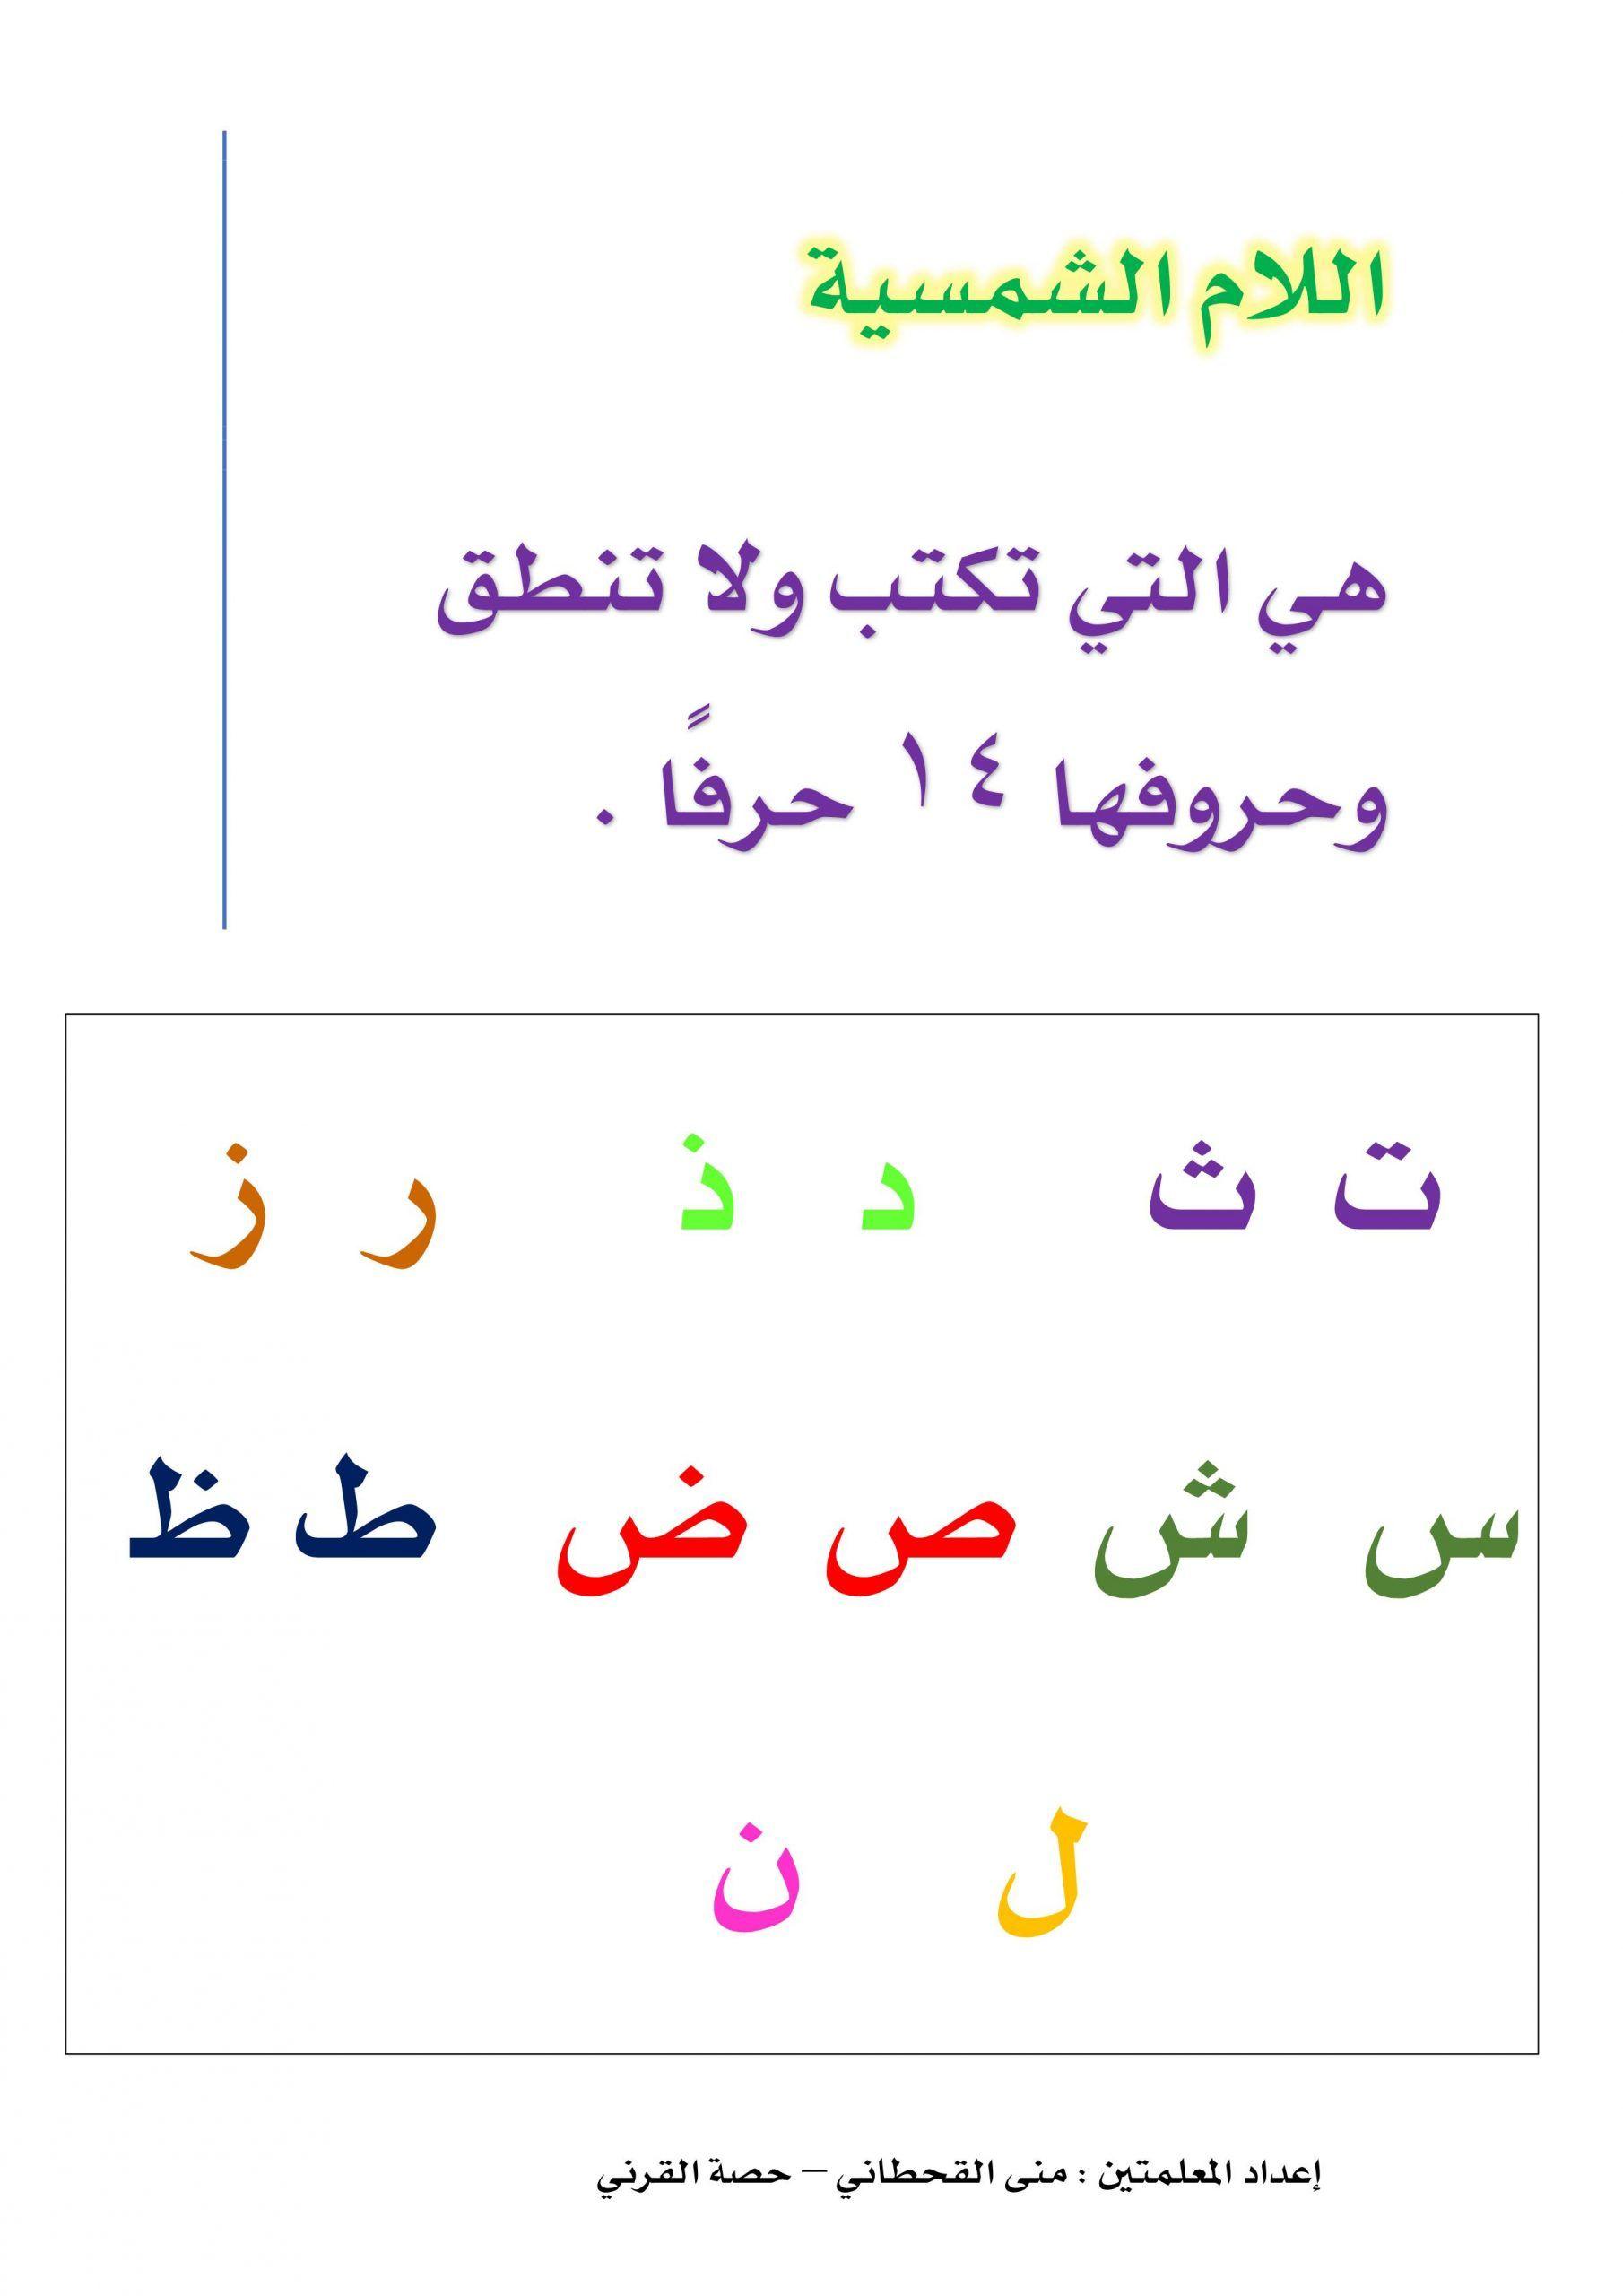 شرح كلمات اللام الشمسية للصف الاول والثاني مادة اللغة العربية Arabic Quotes Quotes Math